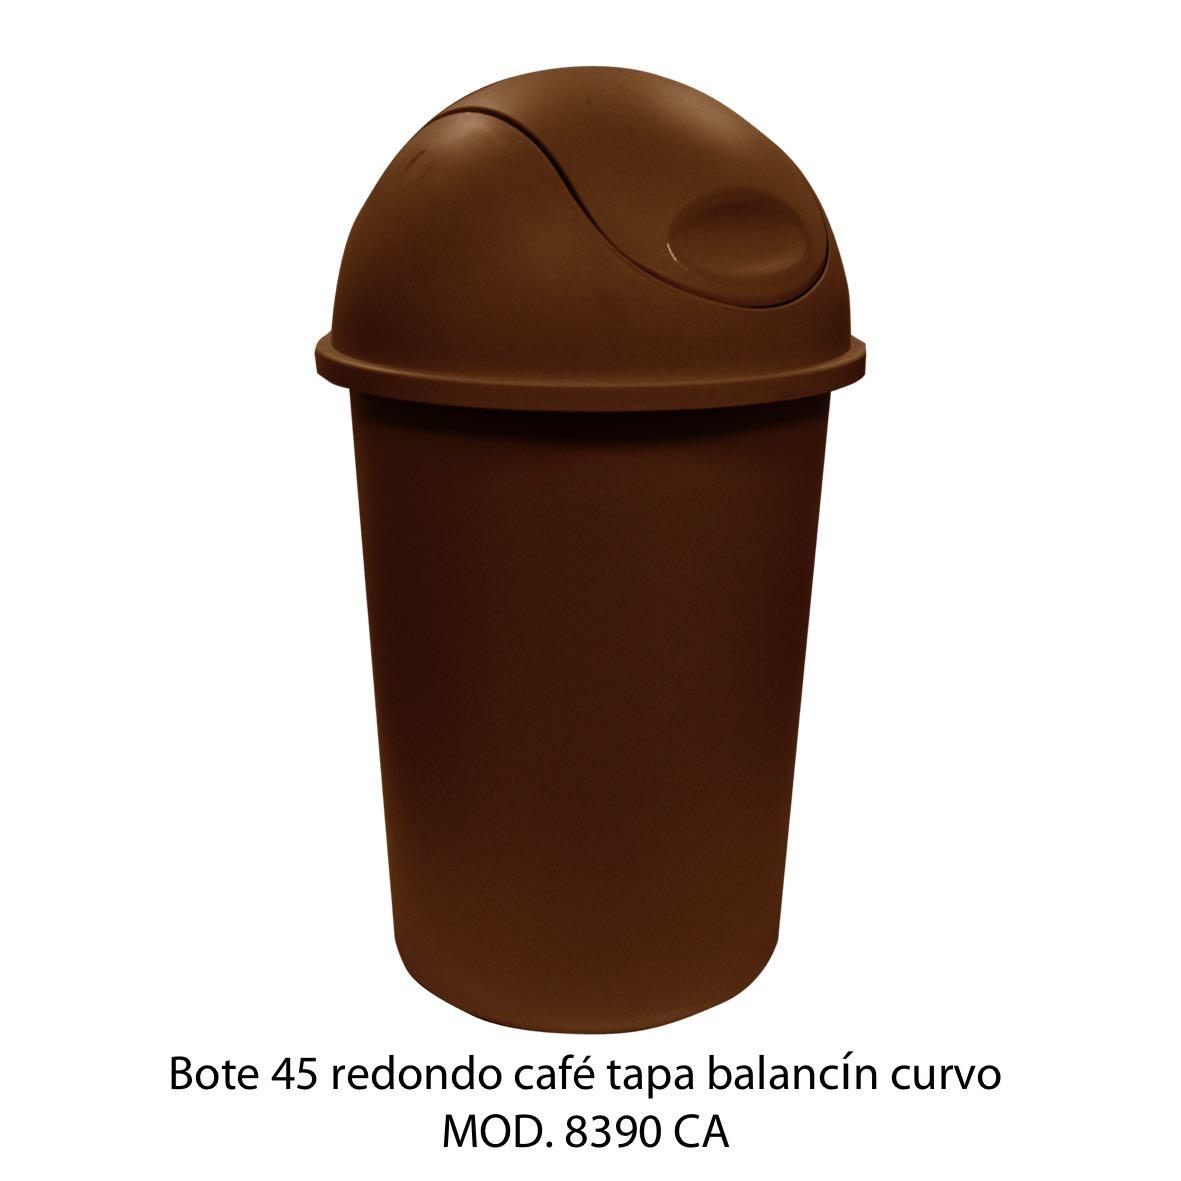 Bote de basura redondo de 45 litros con balancín curvo color cafe modelo 8390 CA - Sablón